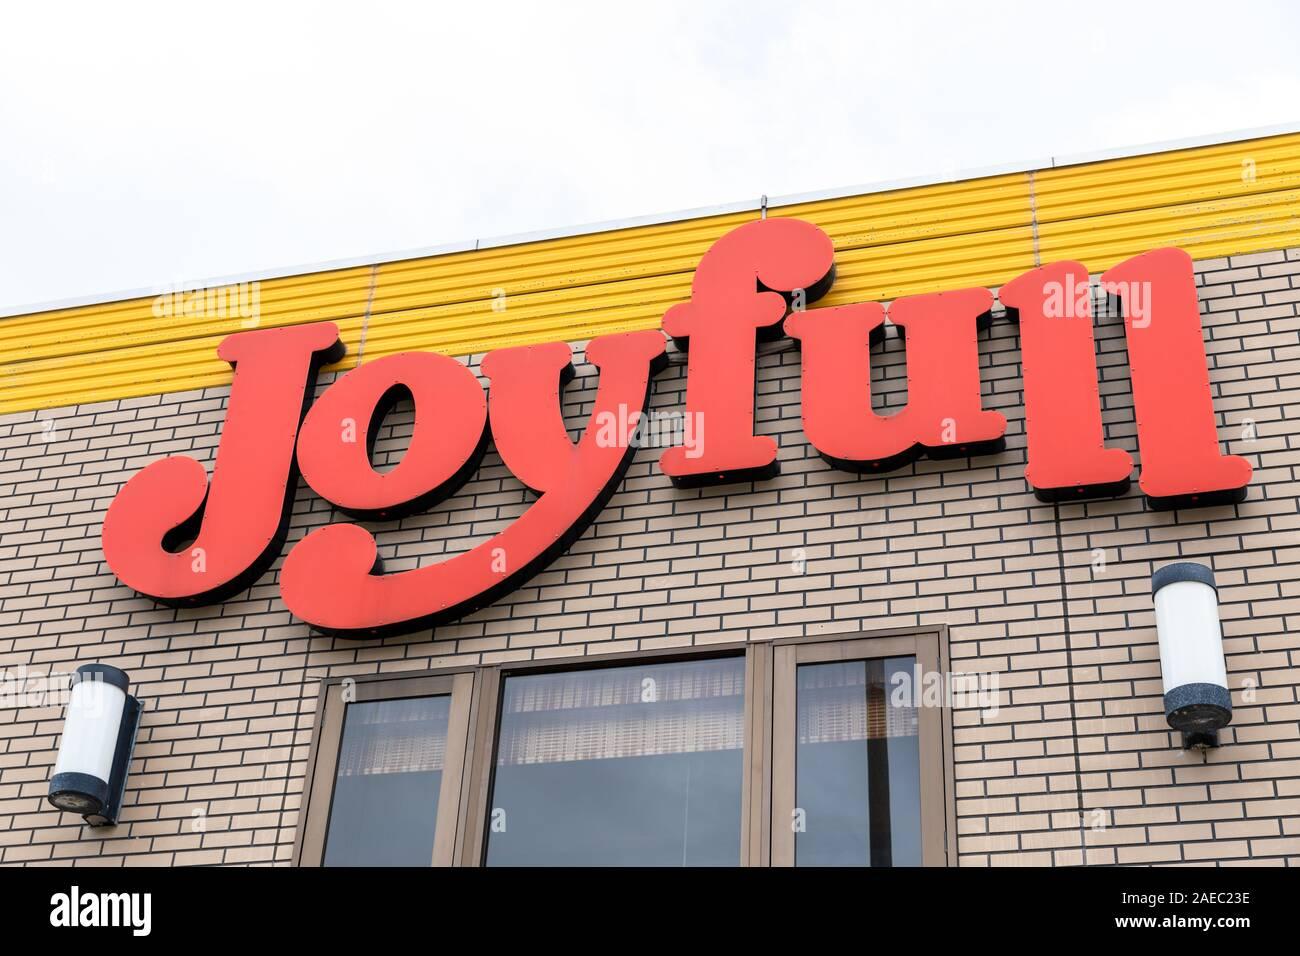 Joyfull (Japanese restaurant chain), sign on building Stock Photo